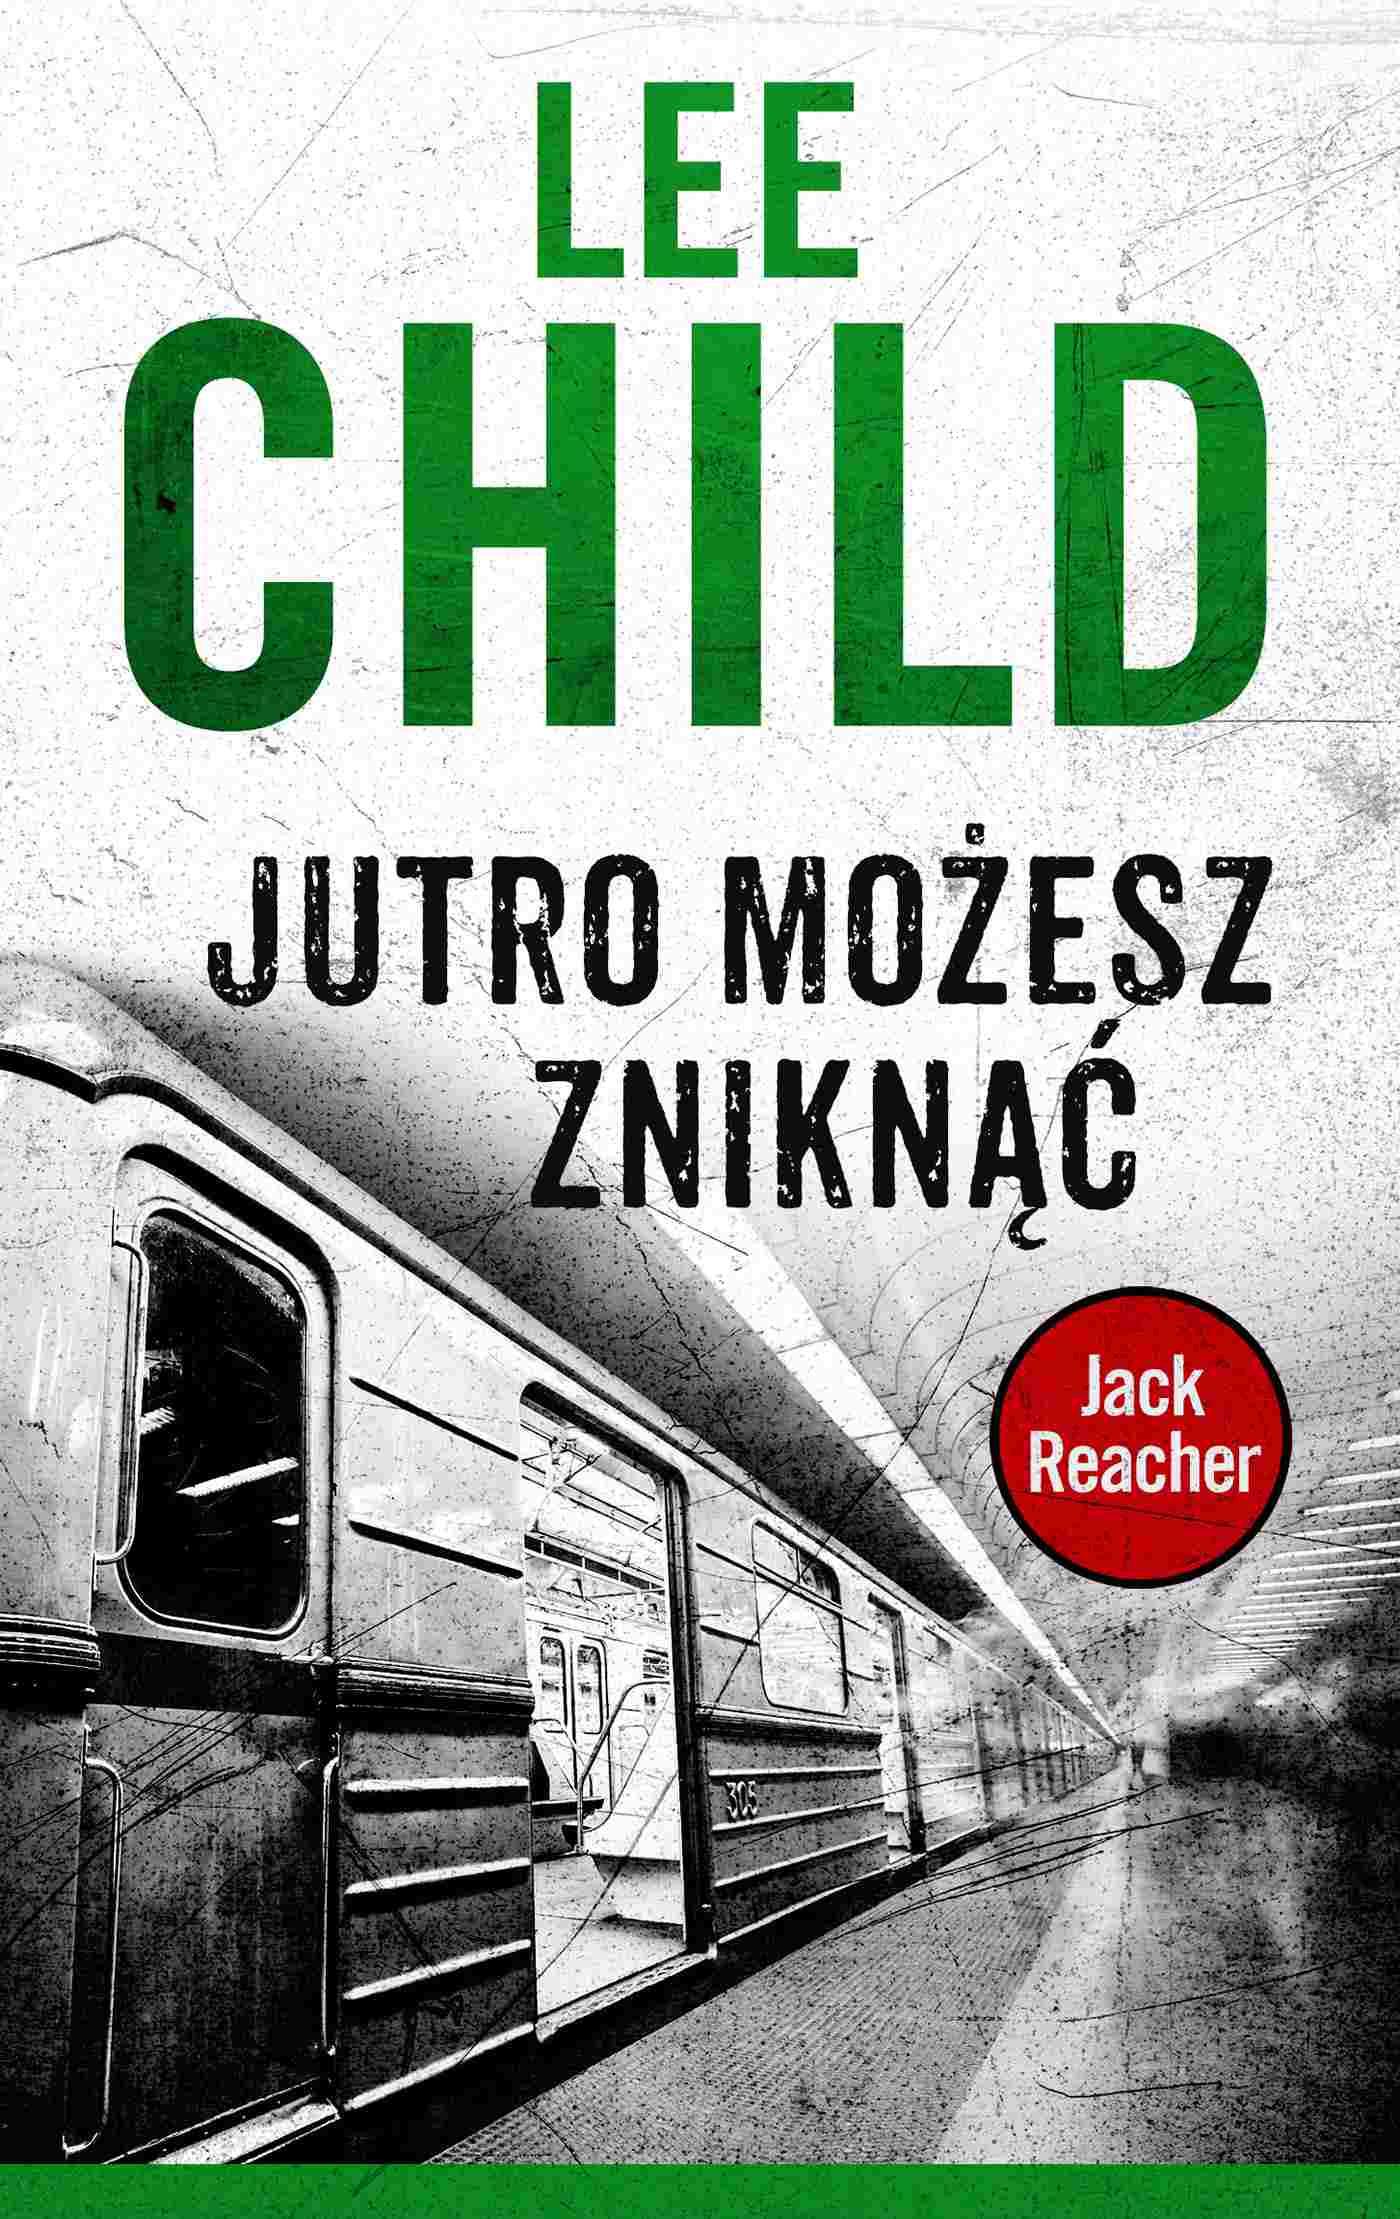 Jack Reacher. Jutro możesz zniknąć - Ebook (Książka na Kindle) do pobrania w formacie MOBI